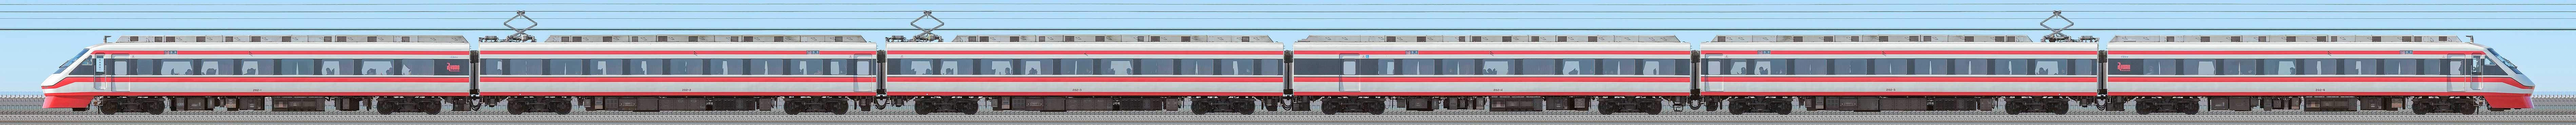 東武200型「りょうもう」202編成(海側)の編成サイドビュー